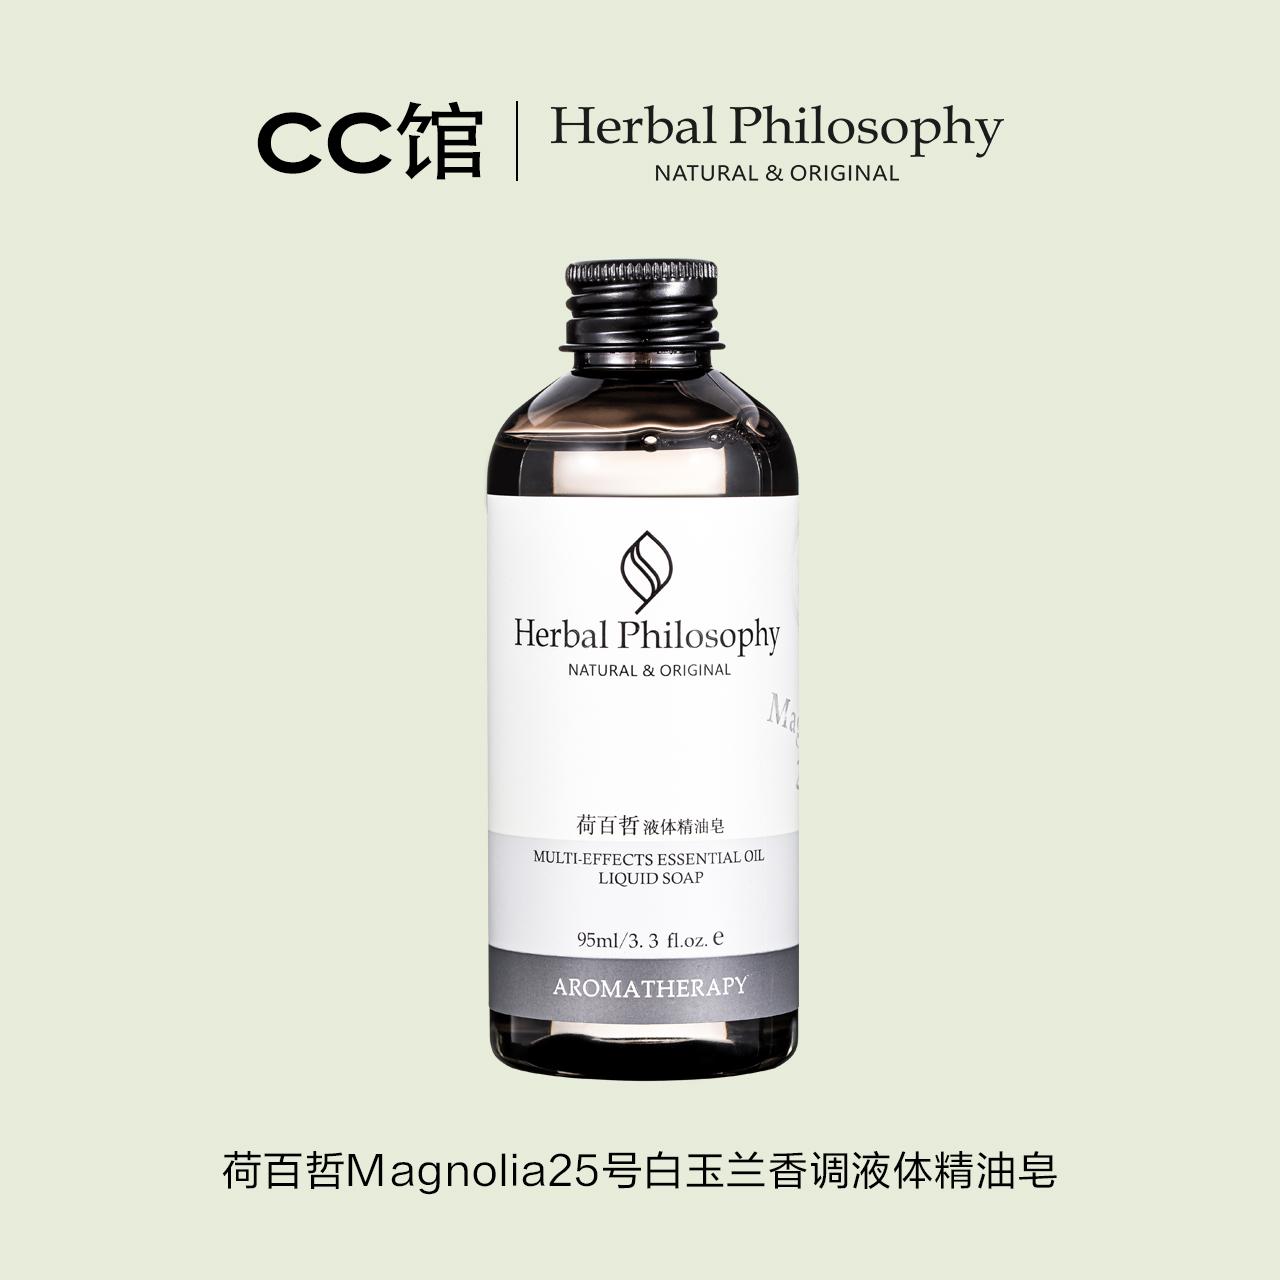 Herbal philosophy Magnolia No.25 Magnolia liquid essential oil soap 95ml